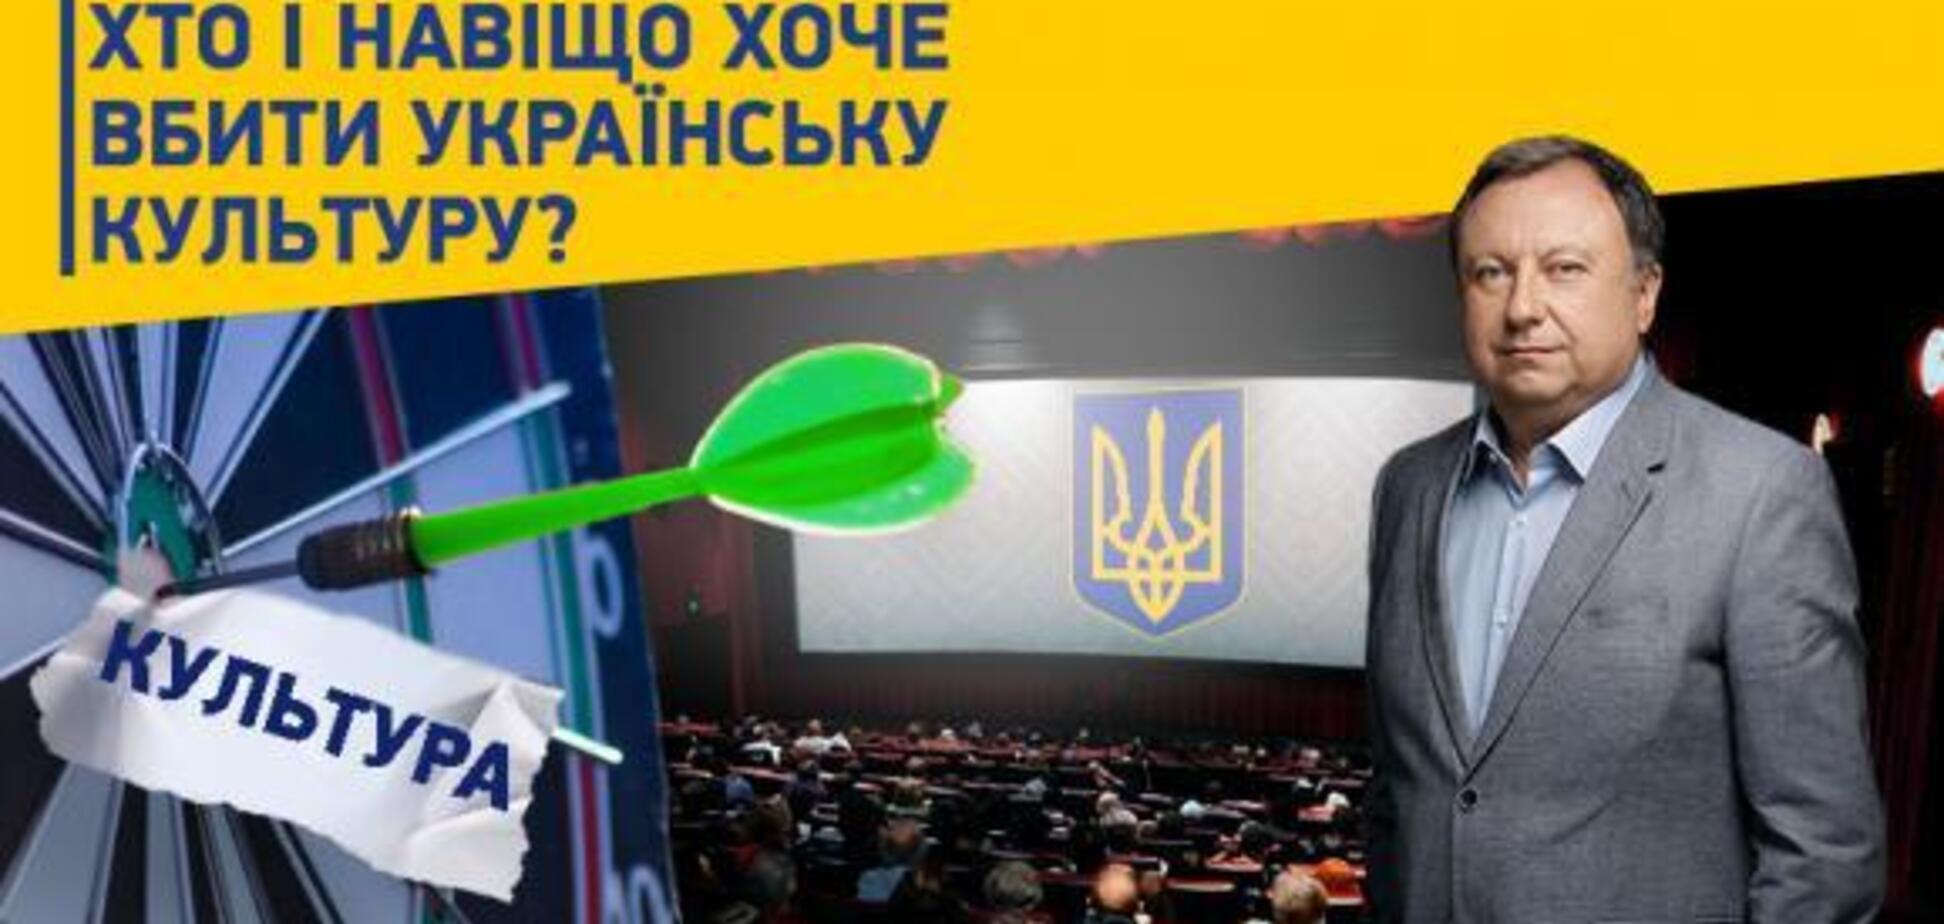 Українську культуру хочуть вбити?